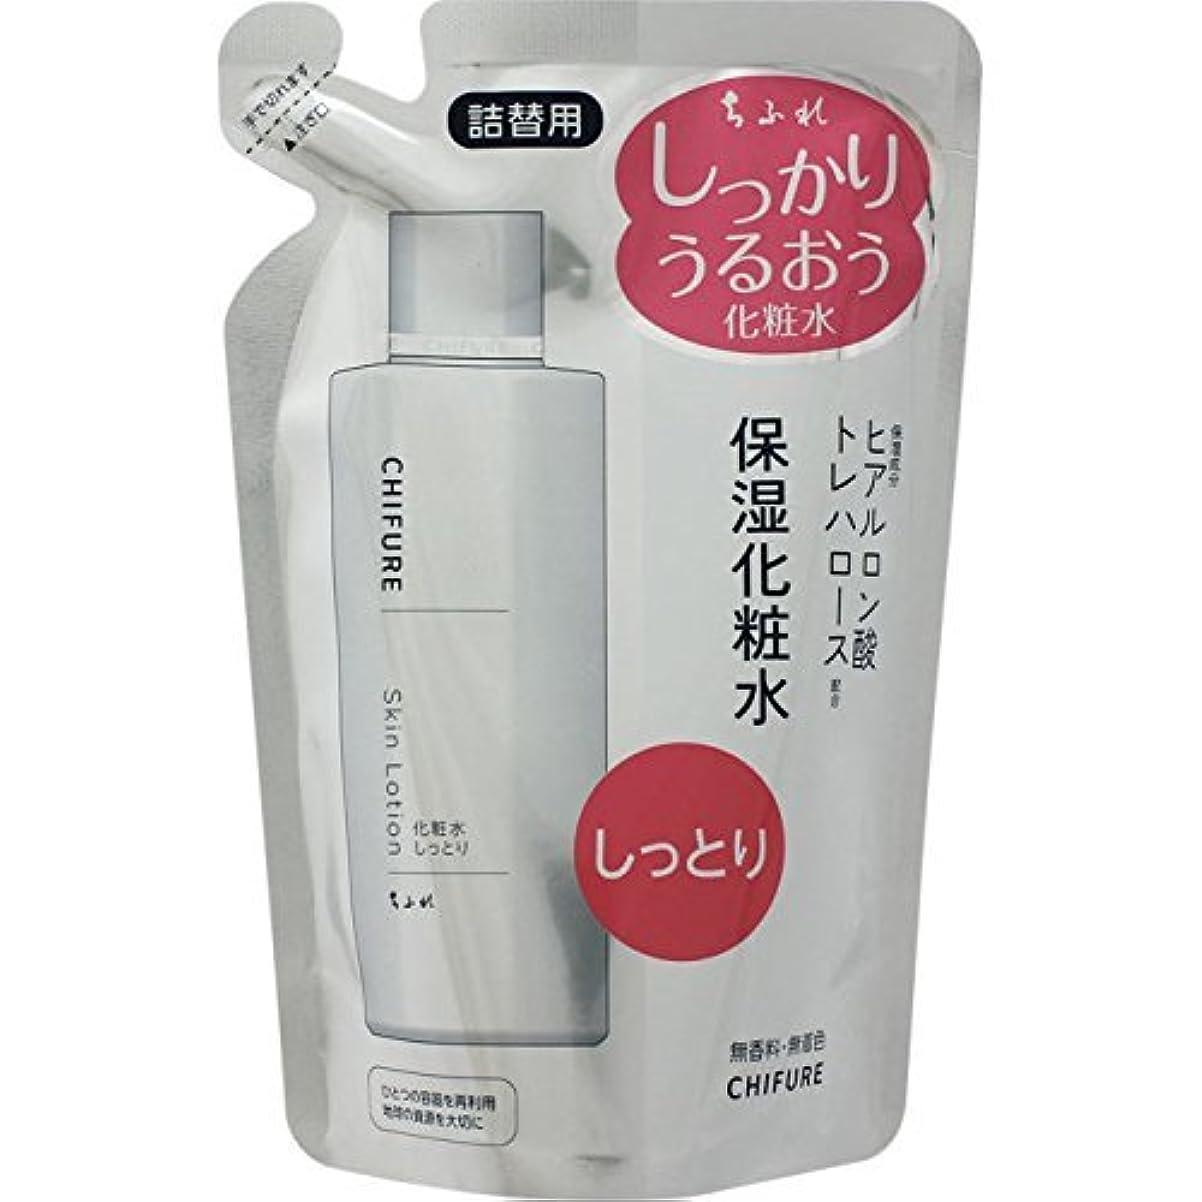 抑制雲気晴らしちふれ化粧品 化粧水 しっとりタイプ N 詰替え用 150ml 150ML